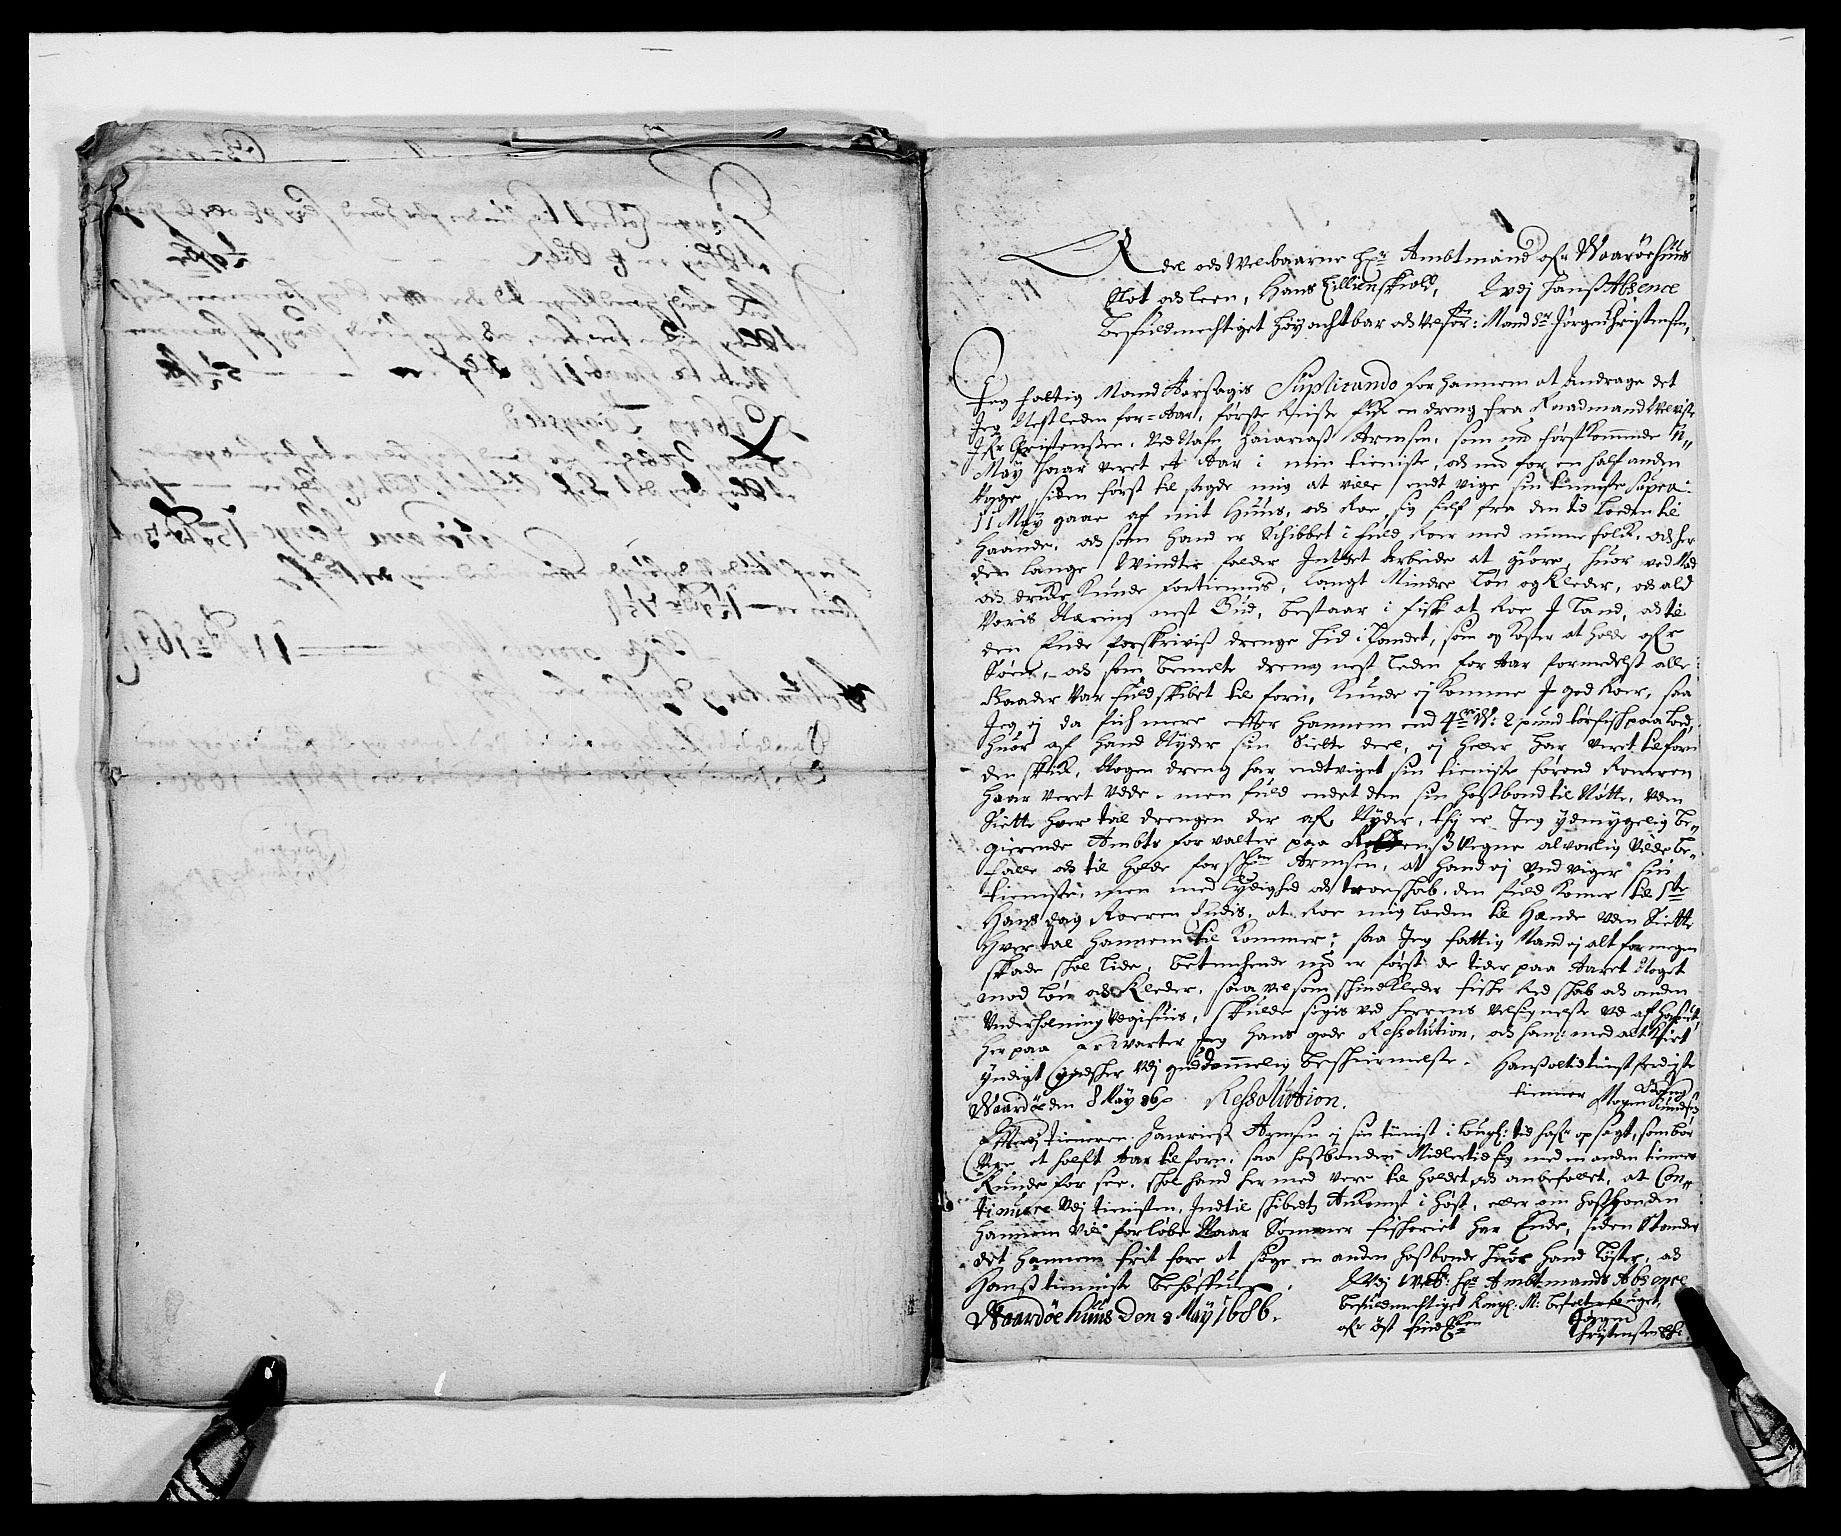 RA, Rentekammeret inntil 1814, Reviderte regnskaper, Fogderegnskap, R69/L4850: Fogderegnskap Finnmark/Vardøhus, 1680-1690, s. 59